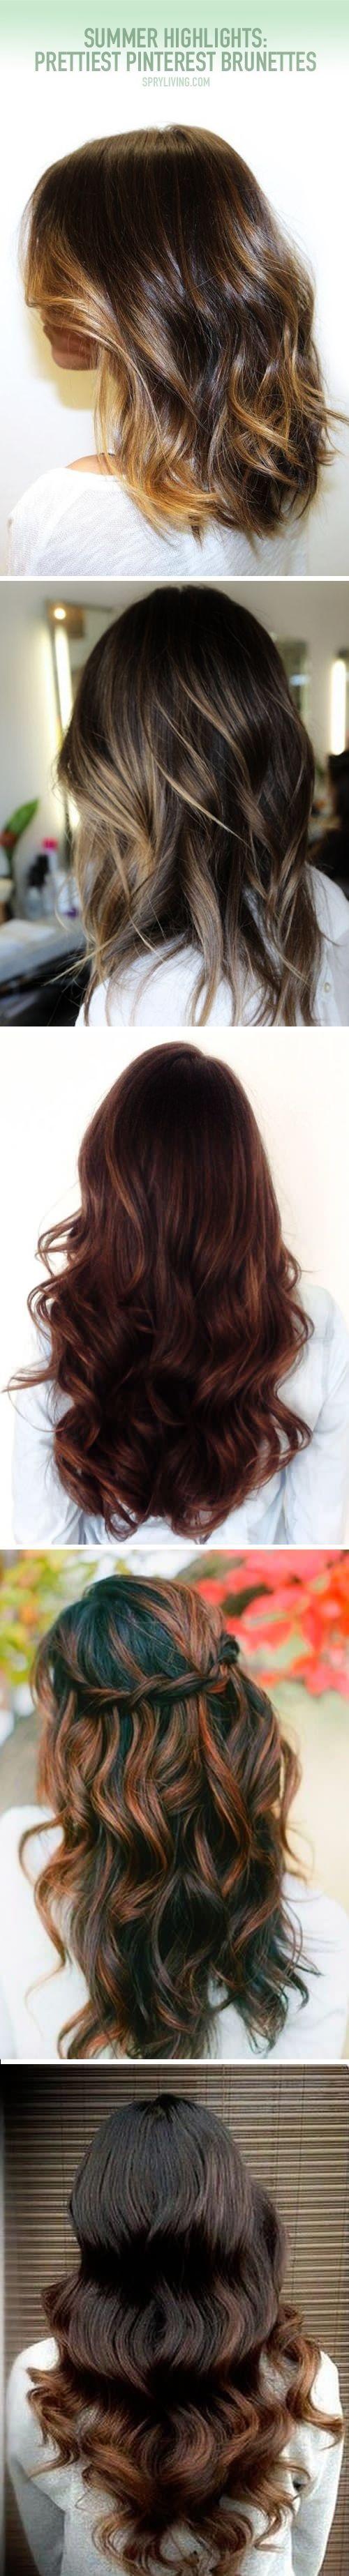 essayer une coiffure Essayer des coiffures originales avec le simulateur coiffure en ligne sur adelcoiffurefr trouver des idées de coupes de cheveux avec ce une idée coiffure.